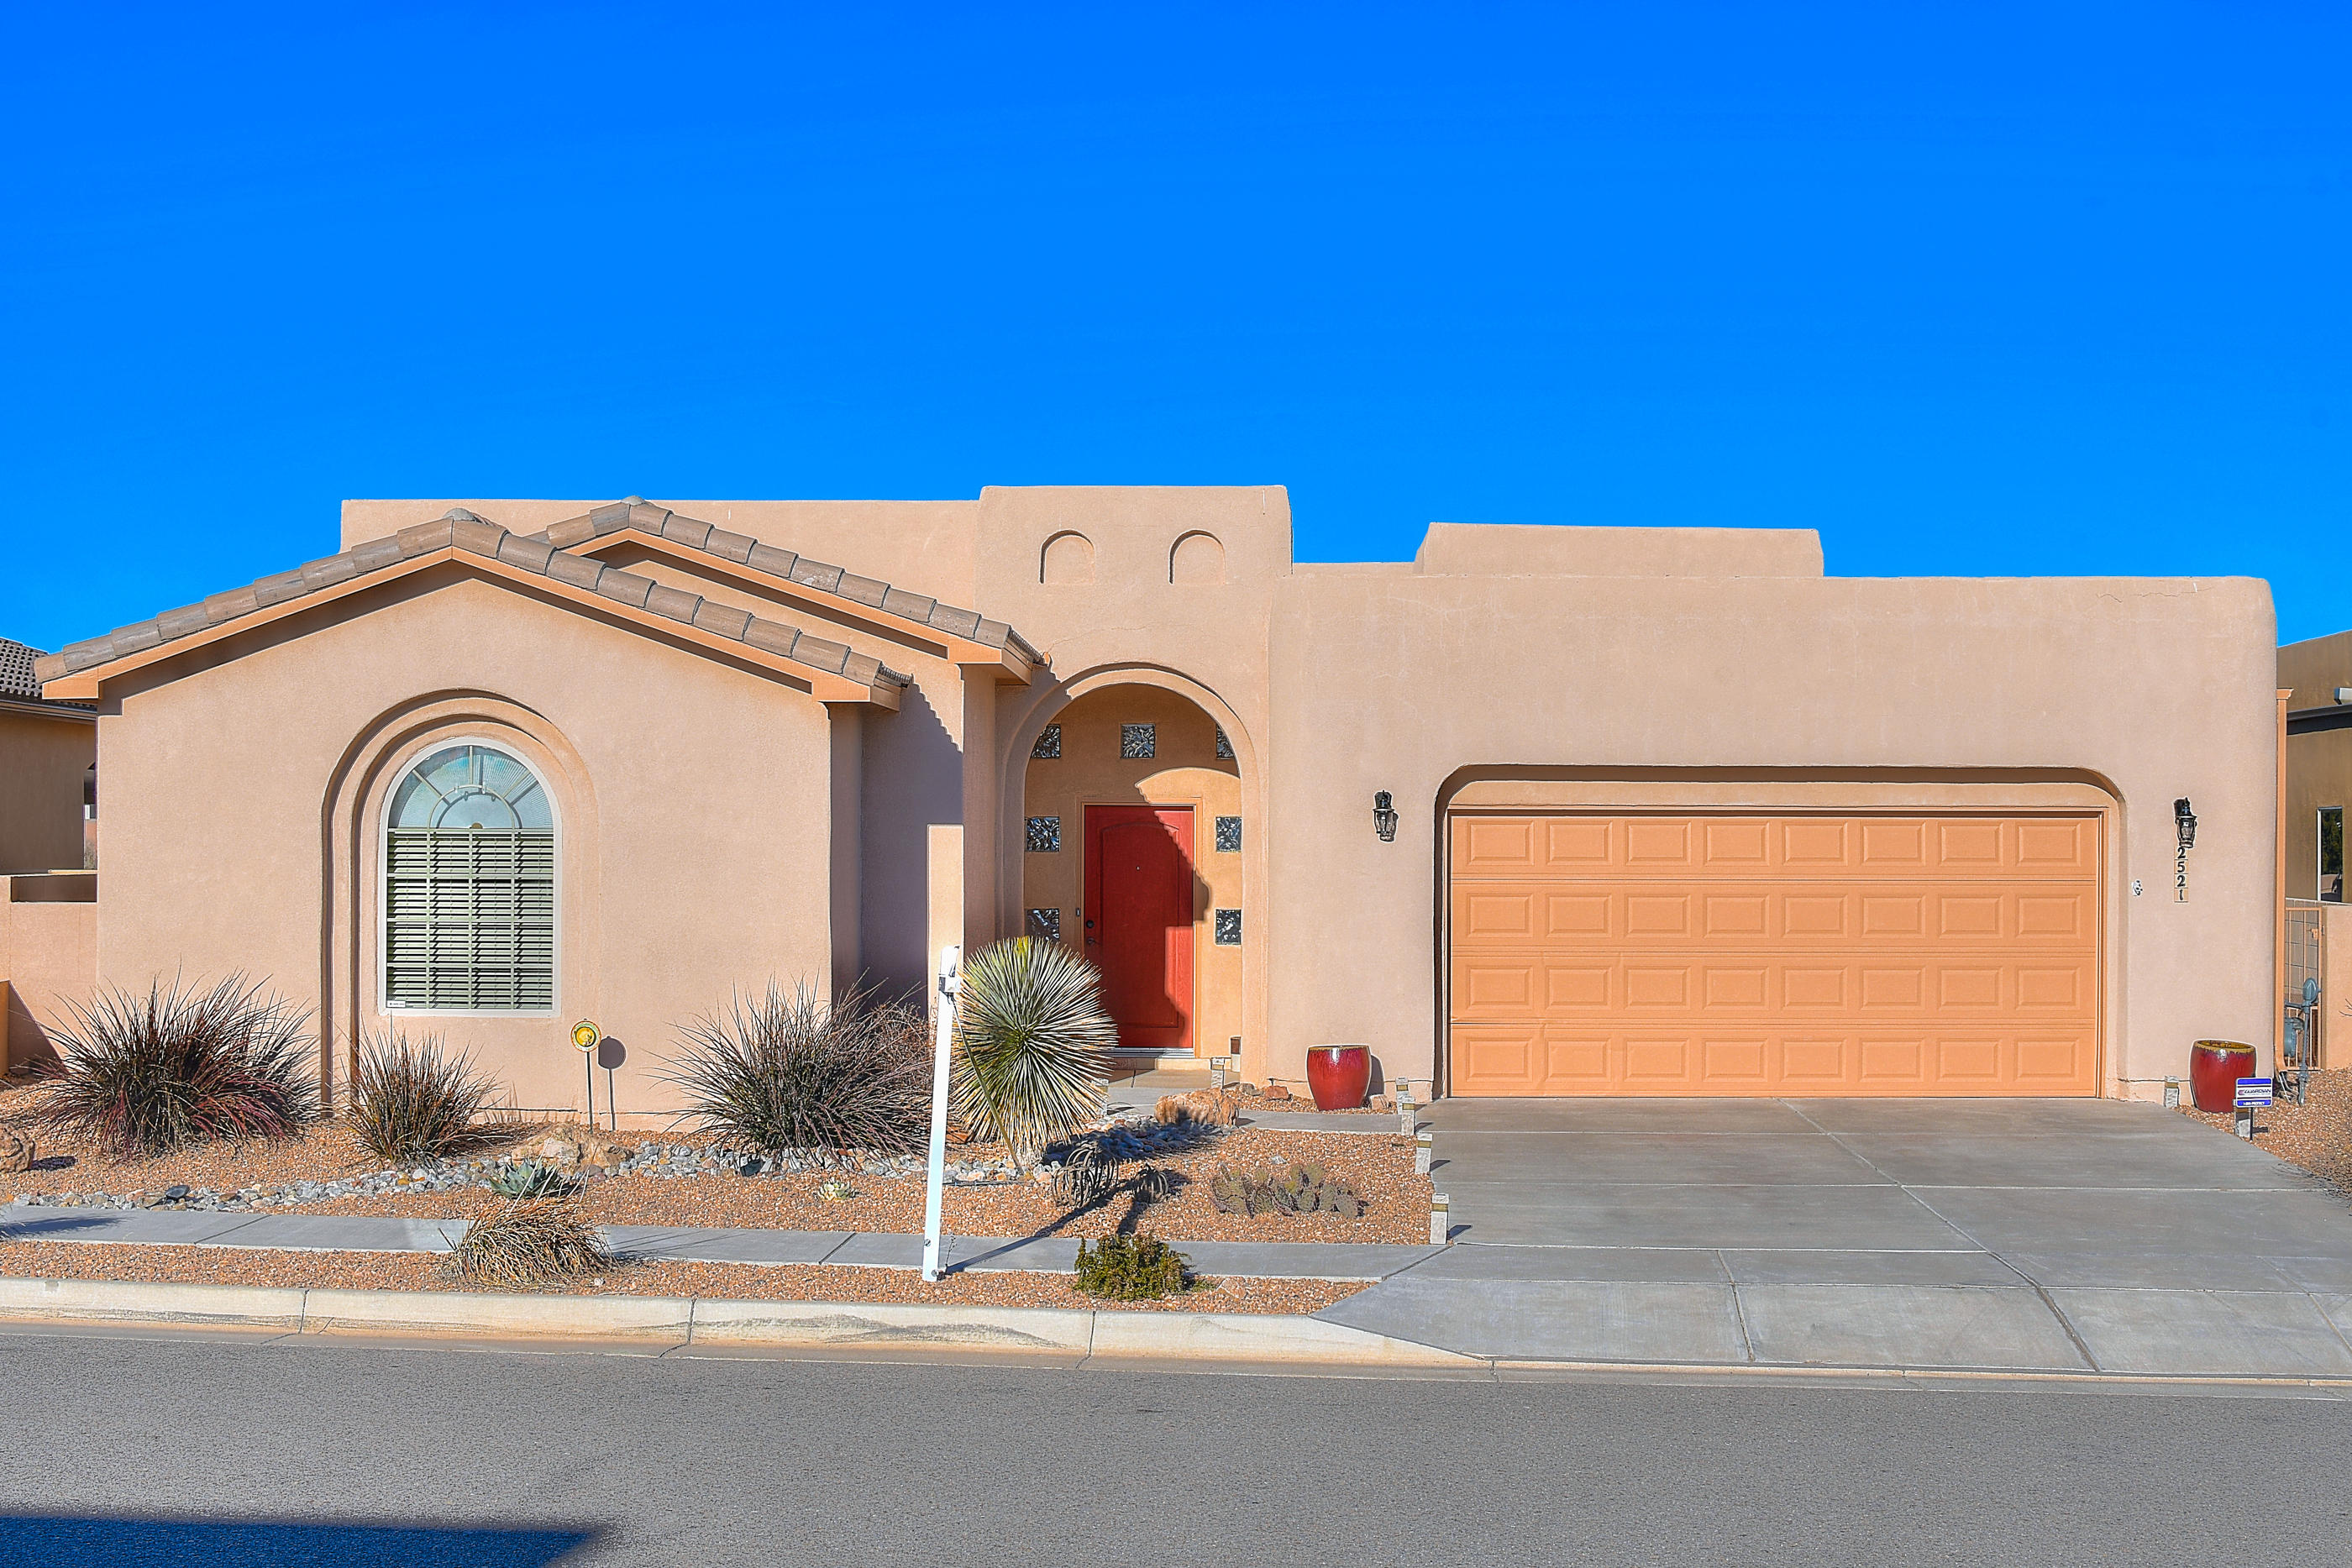 2521 NE Vista Manzano Loop, Rio Rancho in Sandoval County, NM 87144 Home for Sale